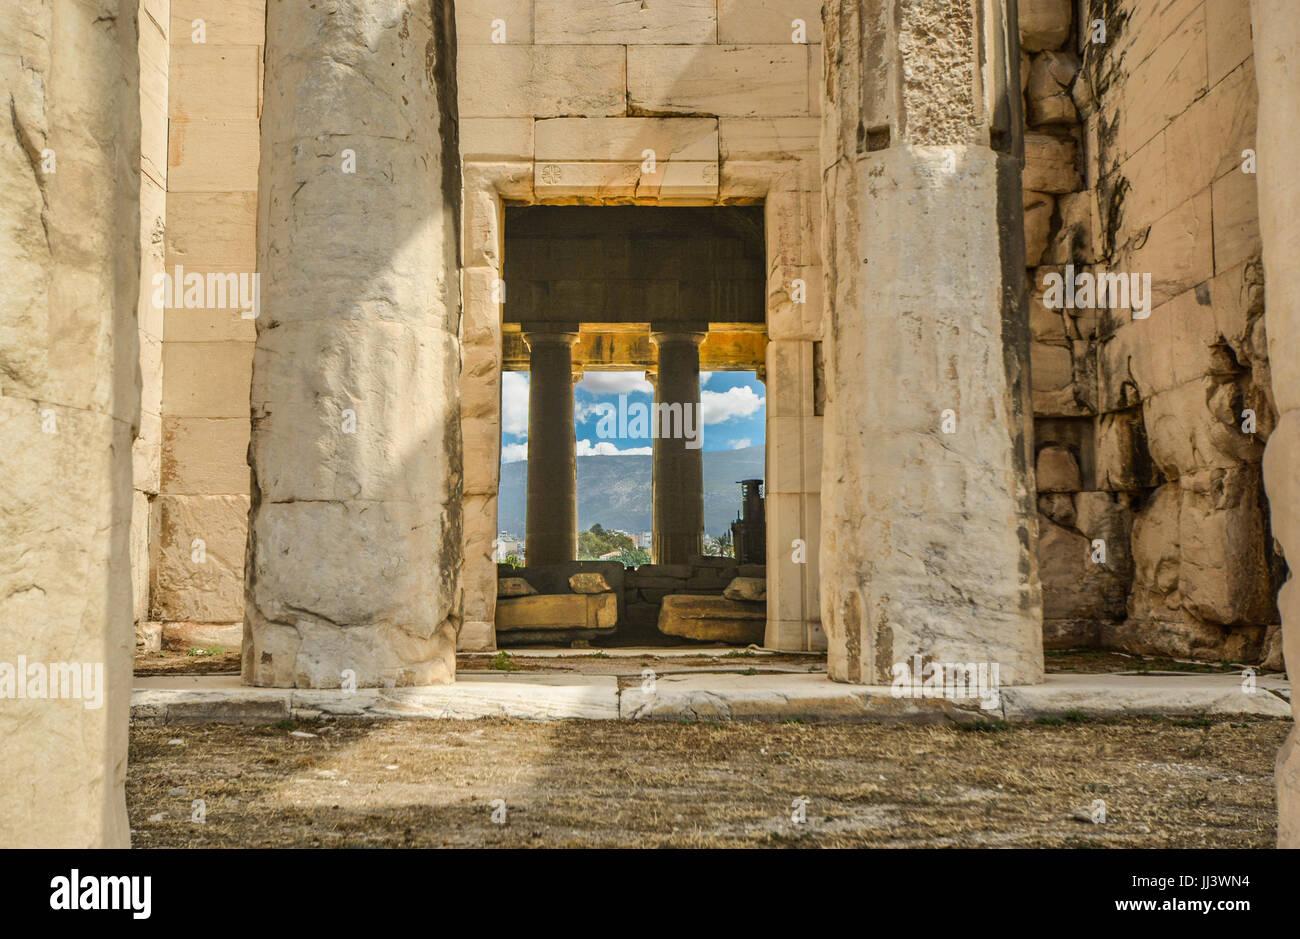 Le Temple d'Héphaïstos dans l'ancienne ville d'Athènes, Grèce Photo Stock